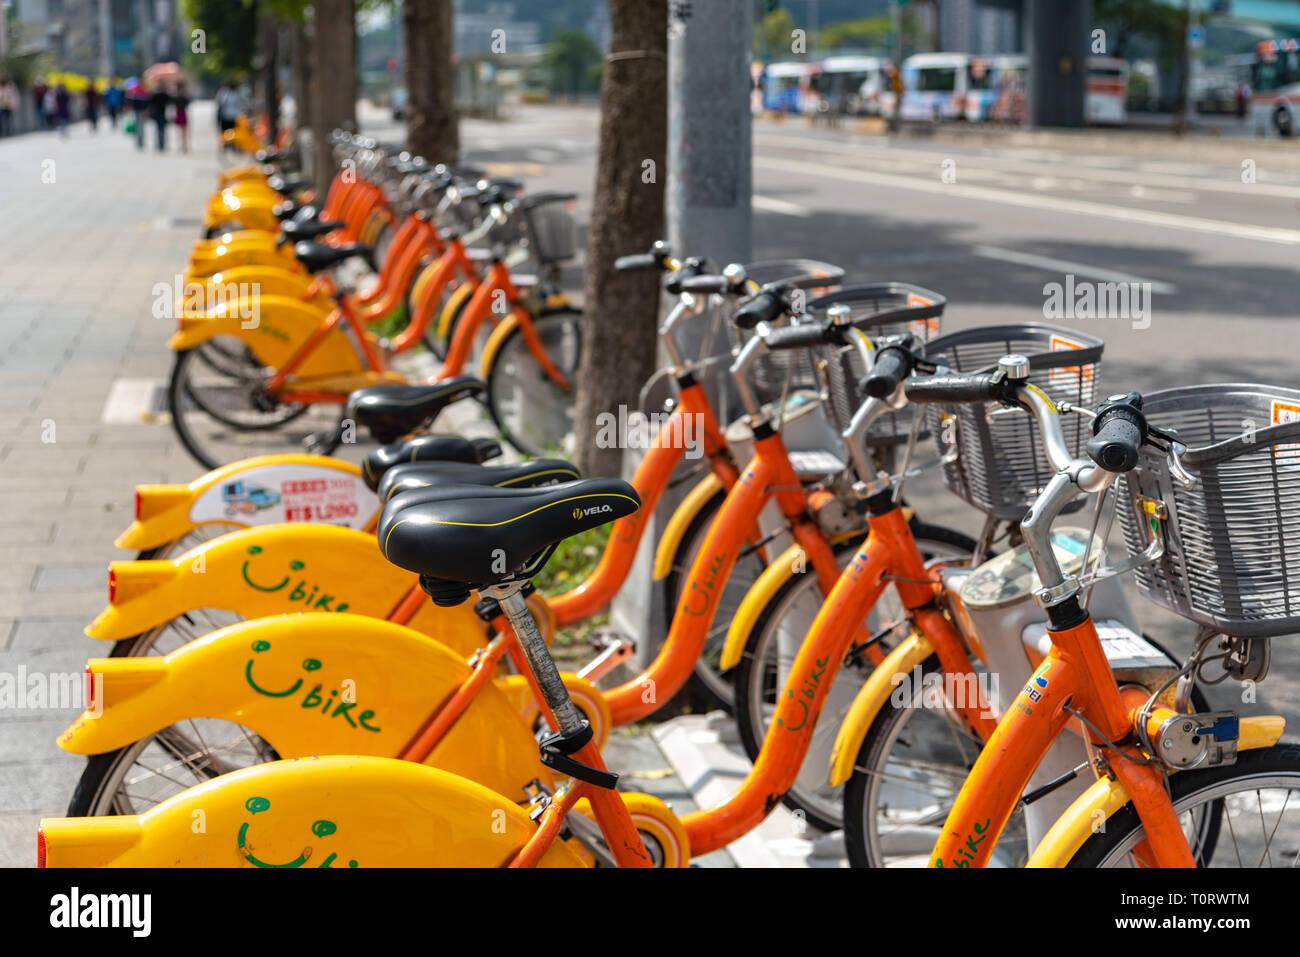 Ubike ( YouBike ) stazione. Ubike popolare è un network di noleggio biciclette in Taipei. Un bike sharing servizio di sistema utilizzato dai cittadini come a breve distanza tr Foto Stock